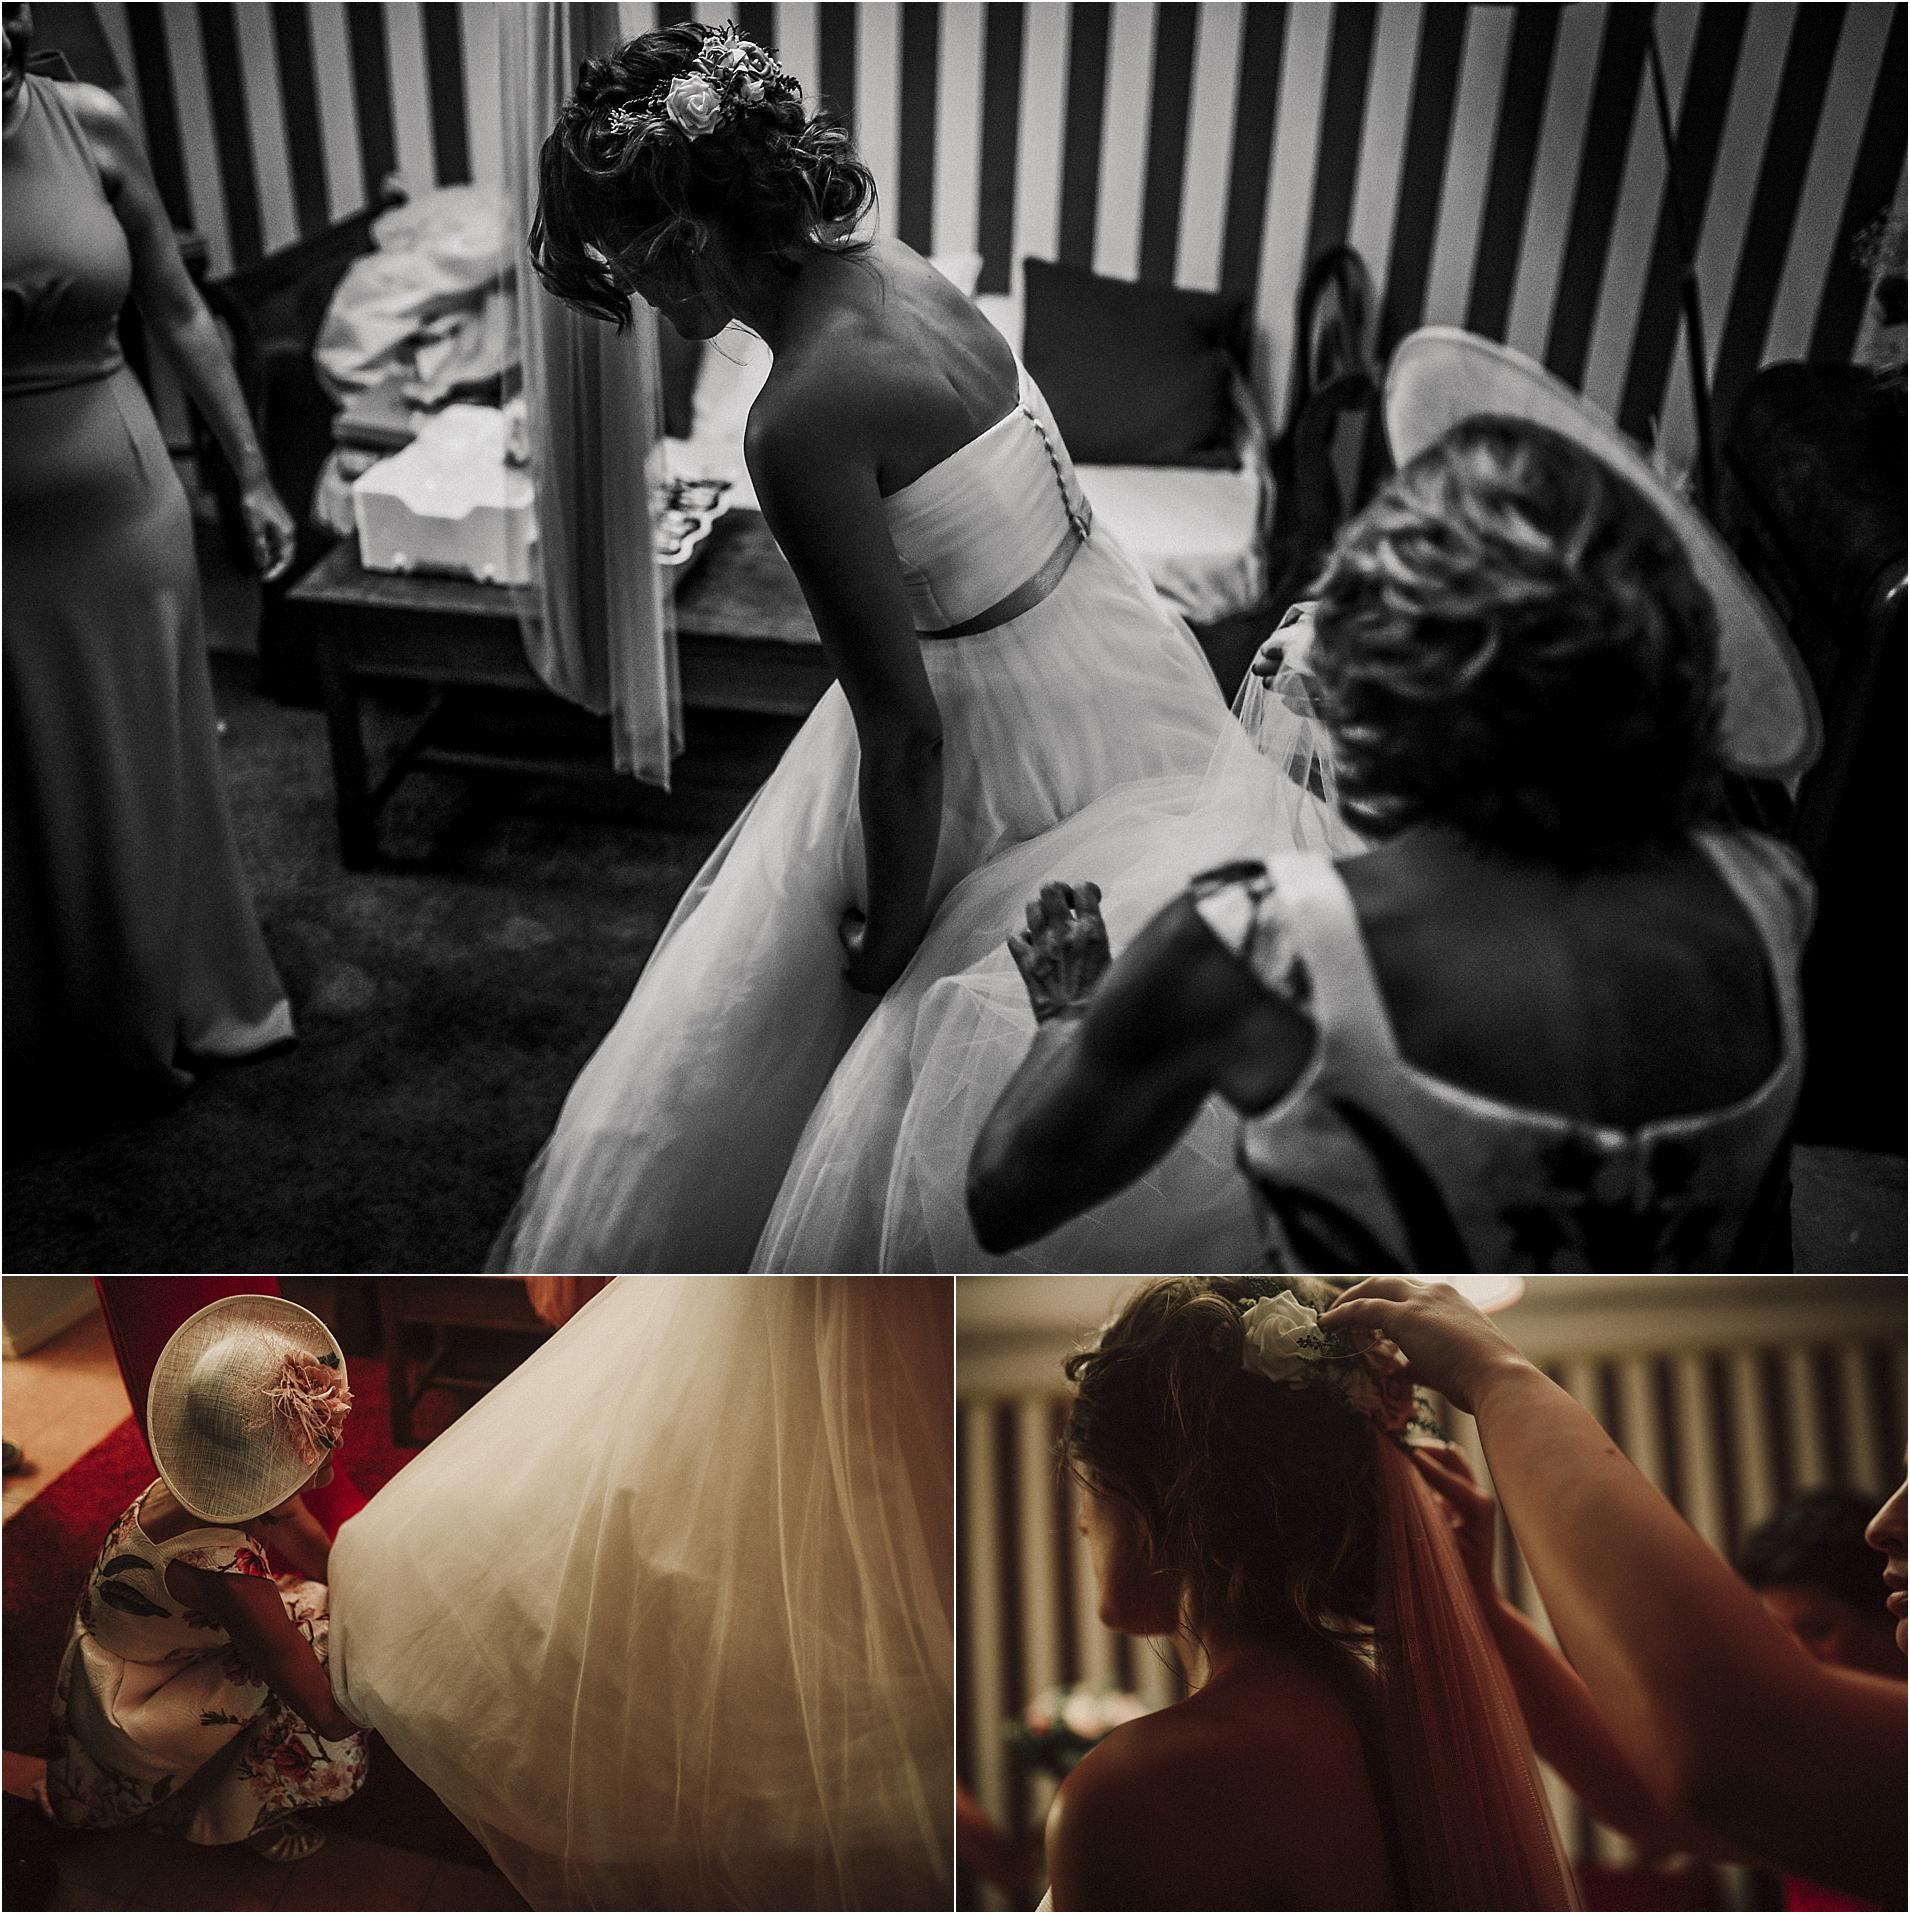 Fotografos-de-boda-donostia-zaragoza-san-sebastian-destination-wedding-photographer-28.jpg